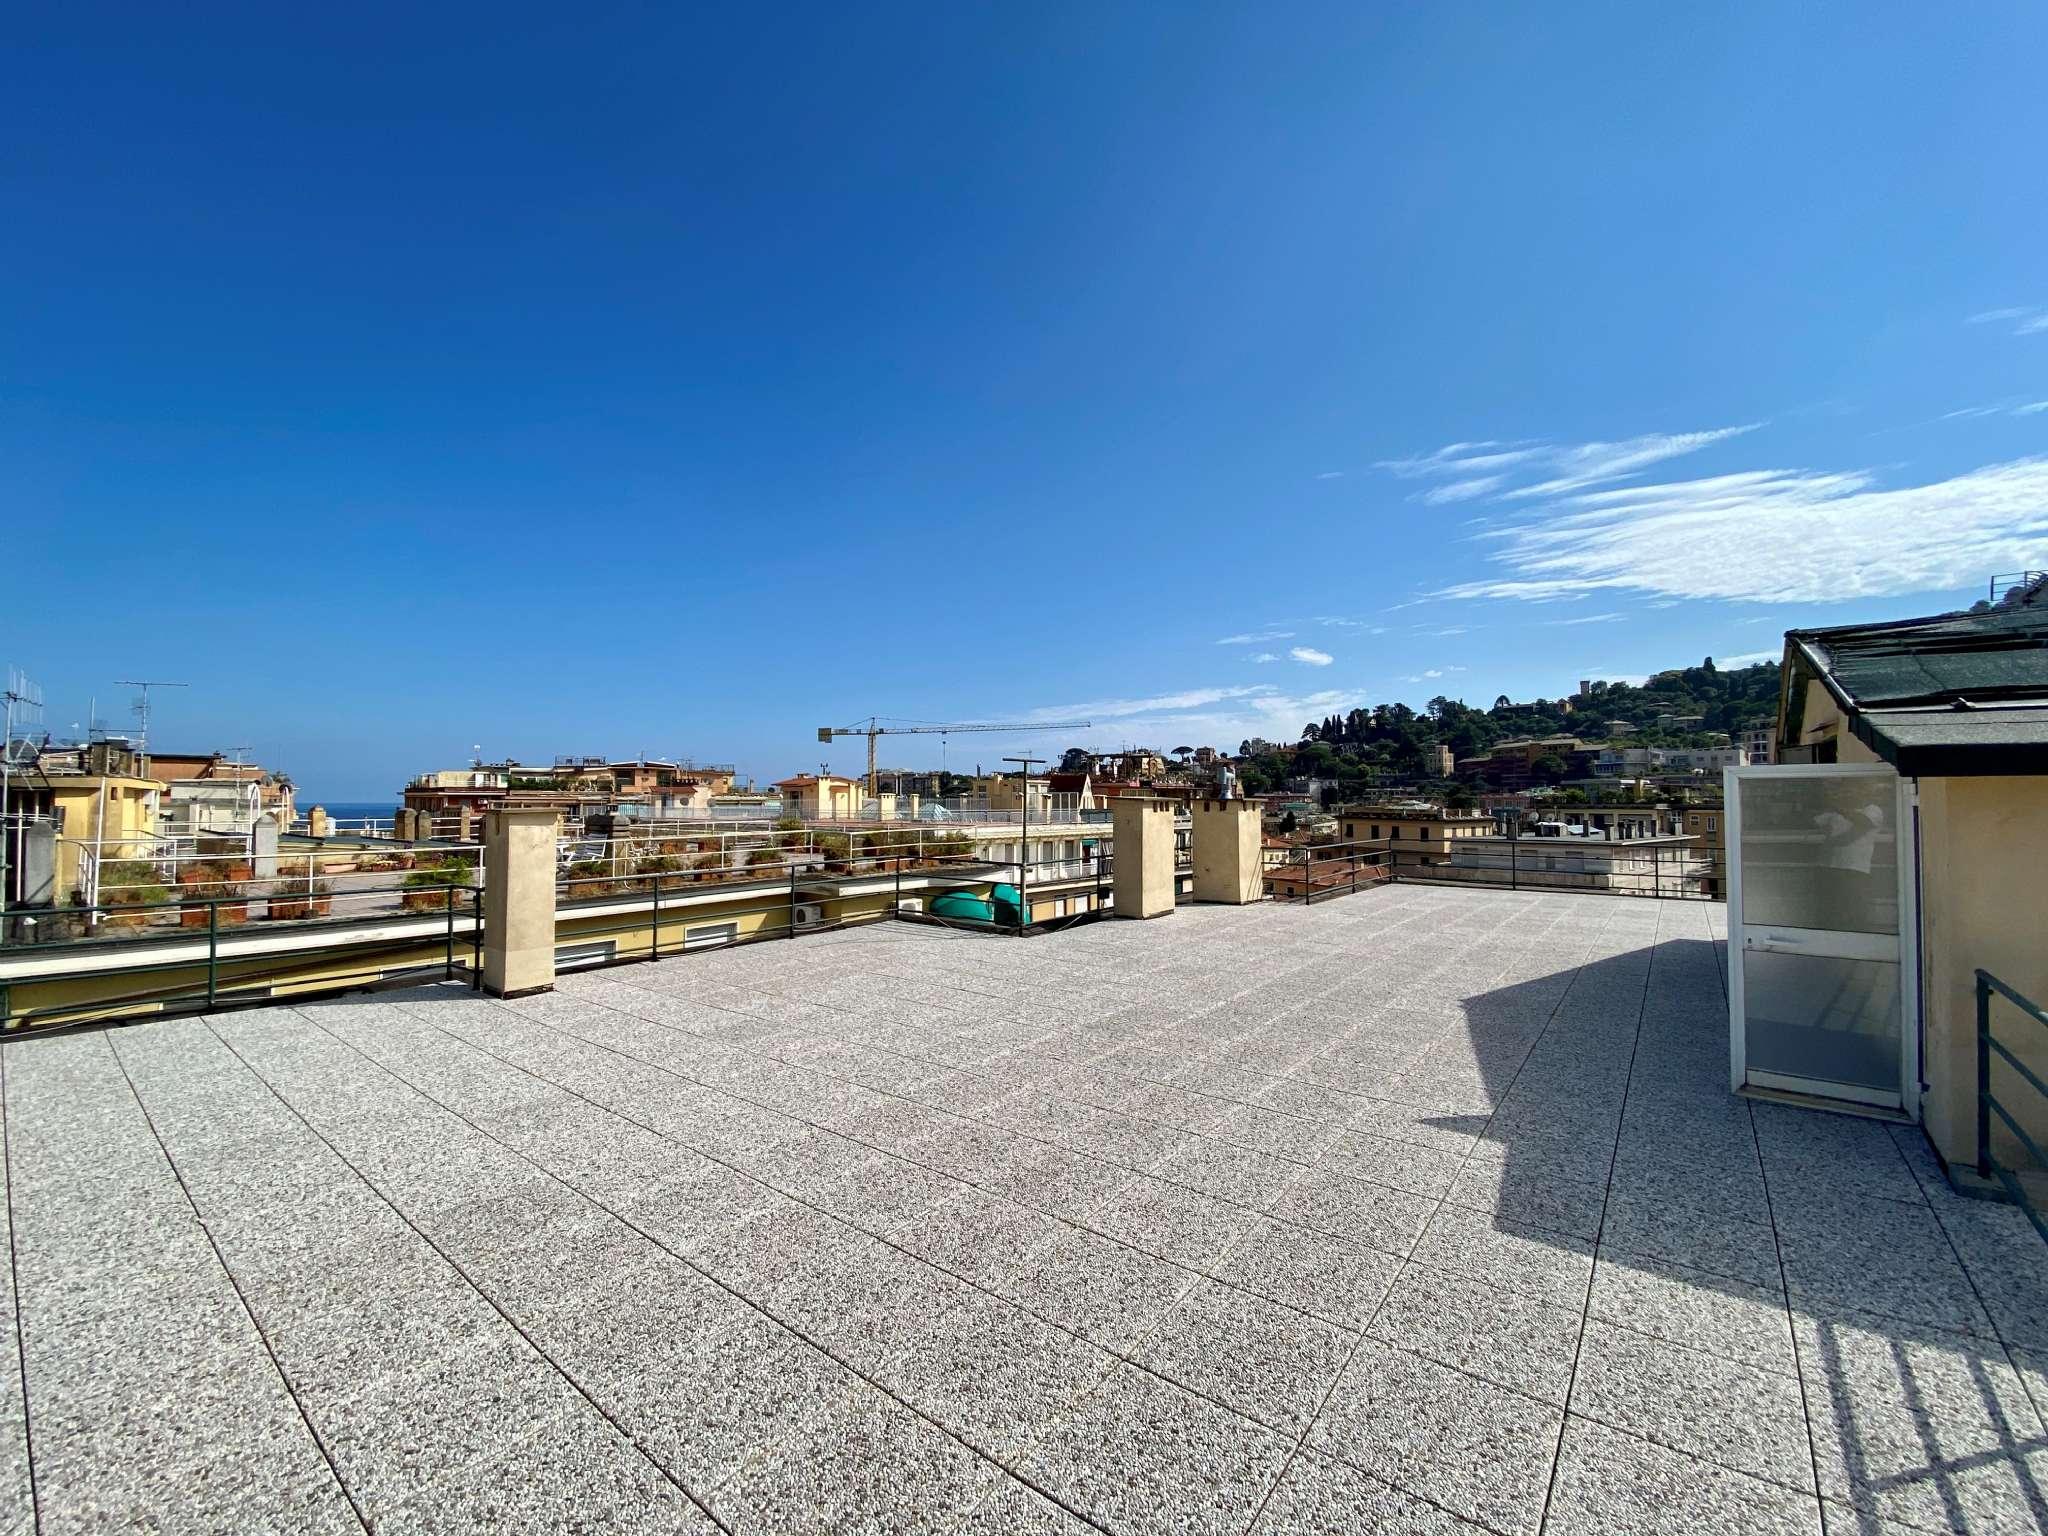 Attico / Mansarda in vendita a Rapallo, 6 locali, prezzo € 449.000 | PortaleAgenzieImmobiliari.it